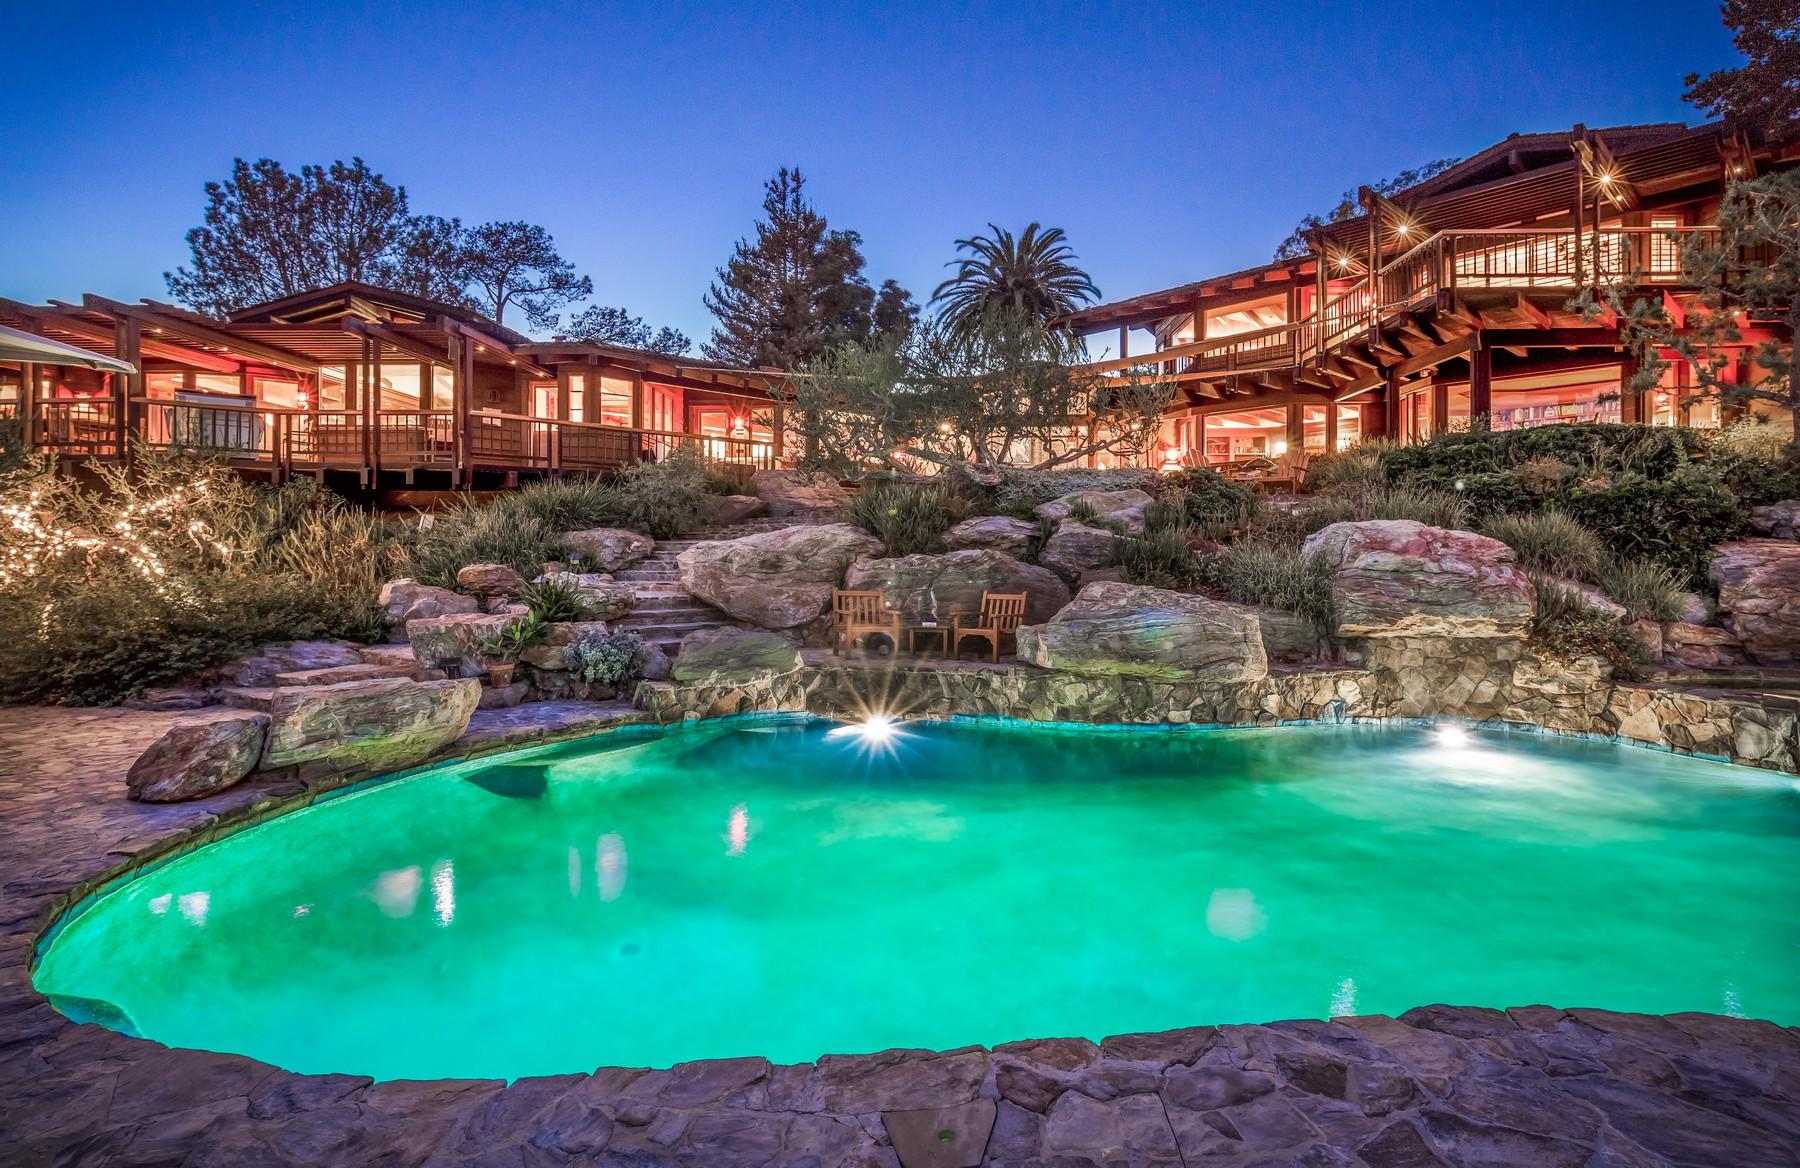 独户住宅 为 销售 在 3402 Gage Place 圣地亚哥, 92106 美国